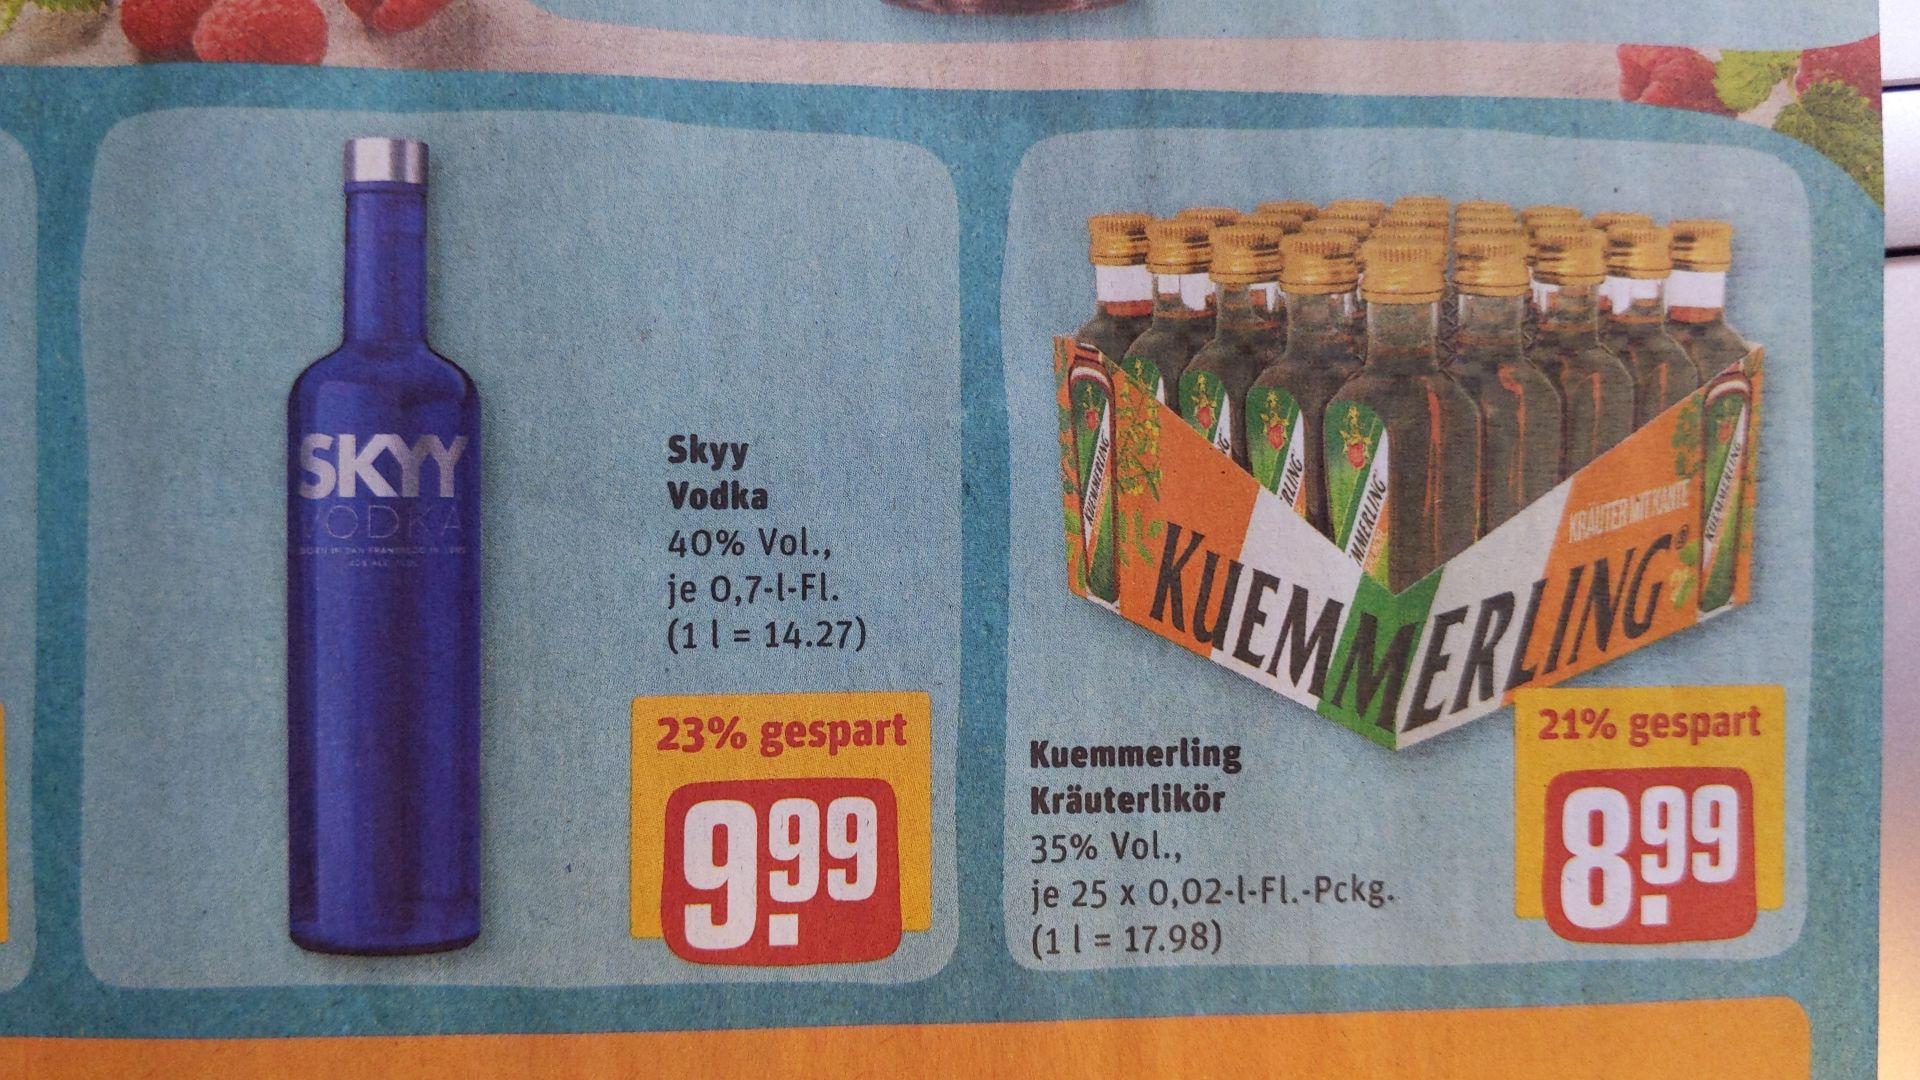 [Rewe] Skyy Vodka 0,7 l 40% | Kuemmerling Kräuterlikör 25 X 0,02